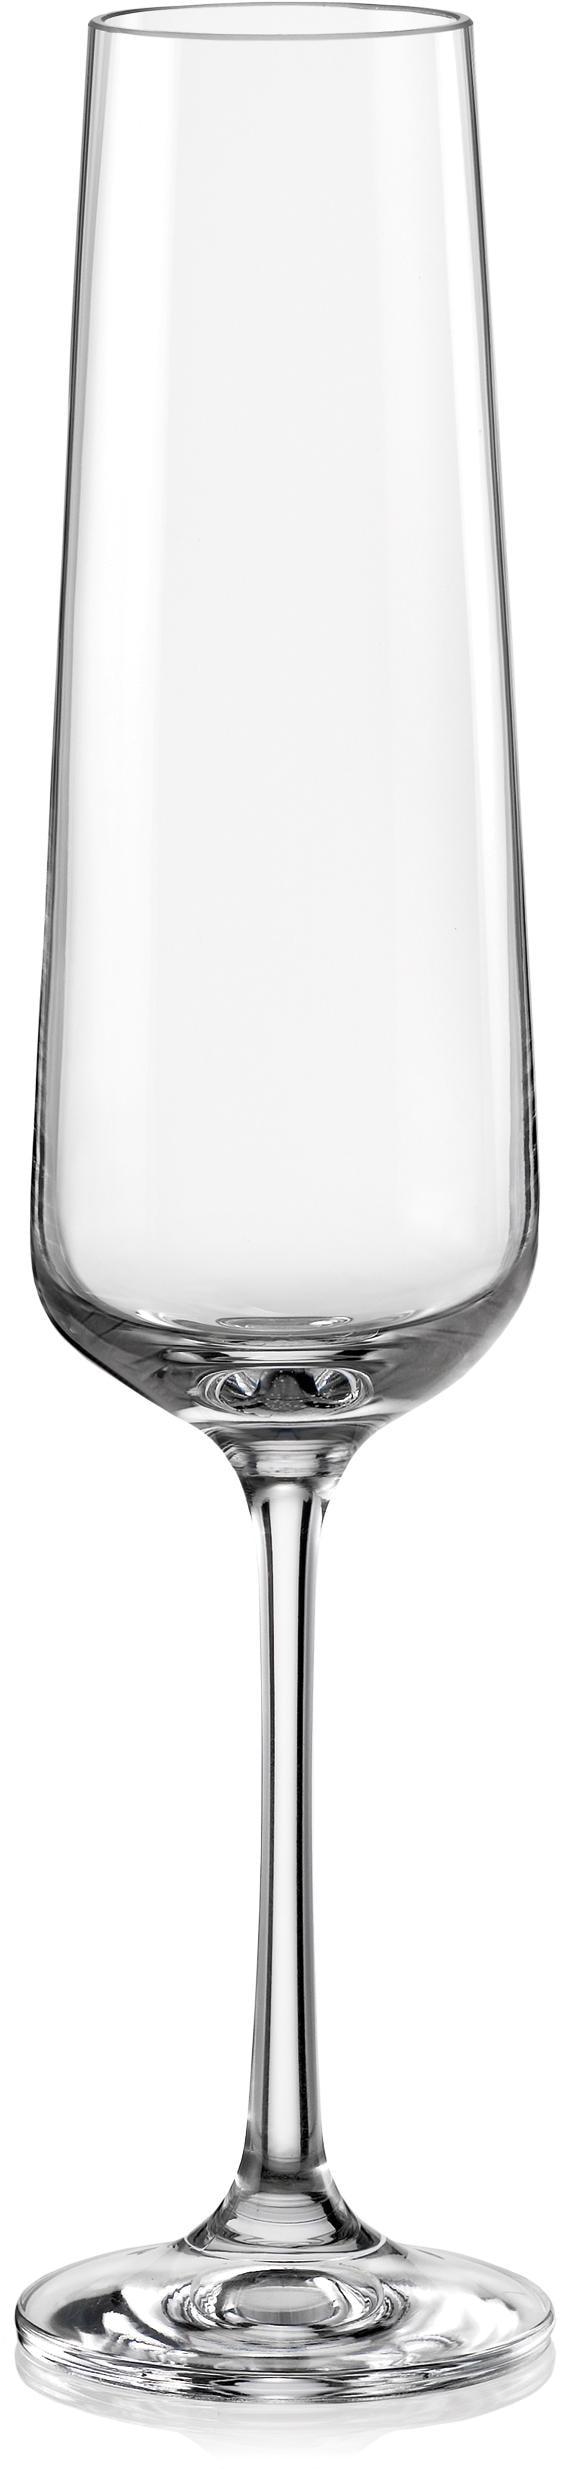 Home affaire Sektglas, (Set, 6 tlg.), 20 cl farblos Sektgläser Champagnergläser Gläser Glaswaren Haushaltswaren Sektglas